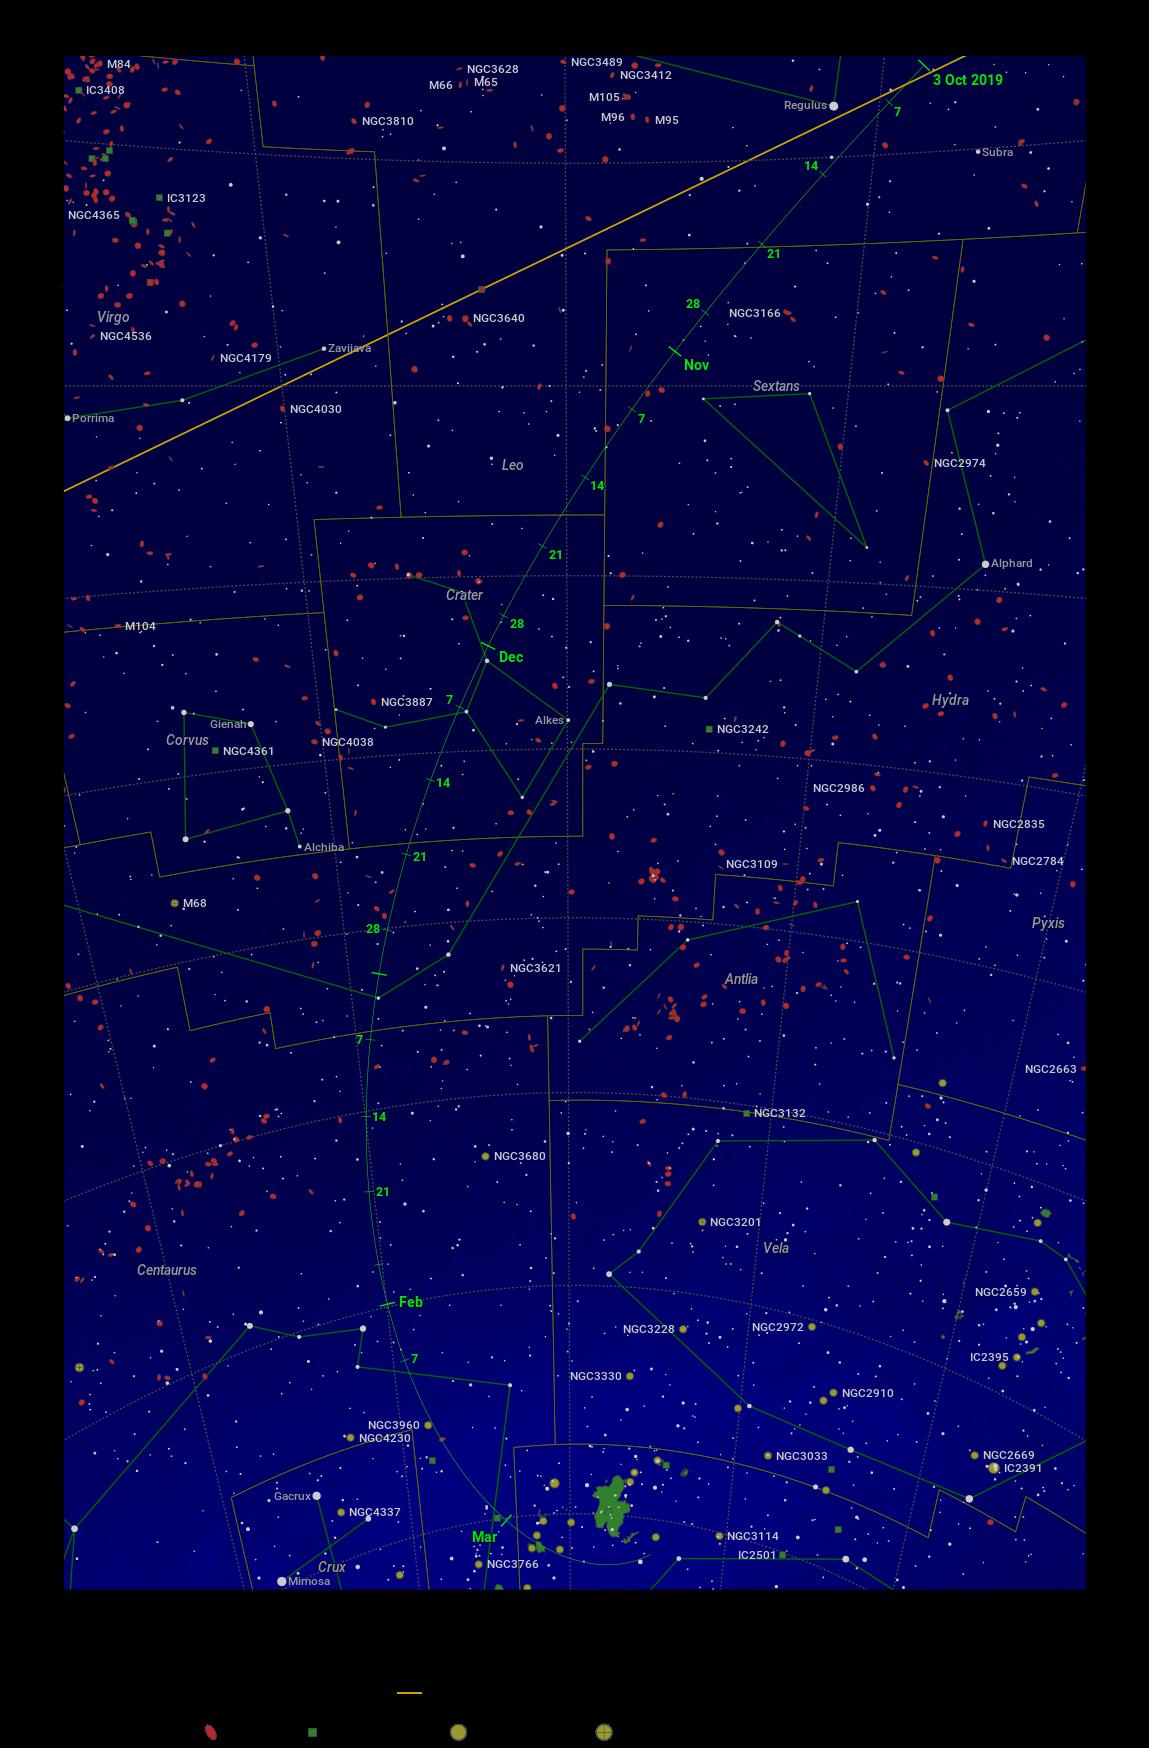 The path traced across the sky by 2I/Borisov